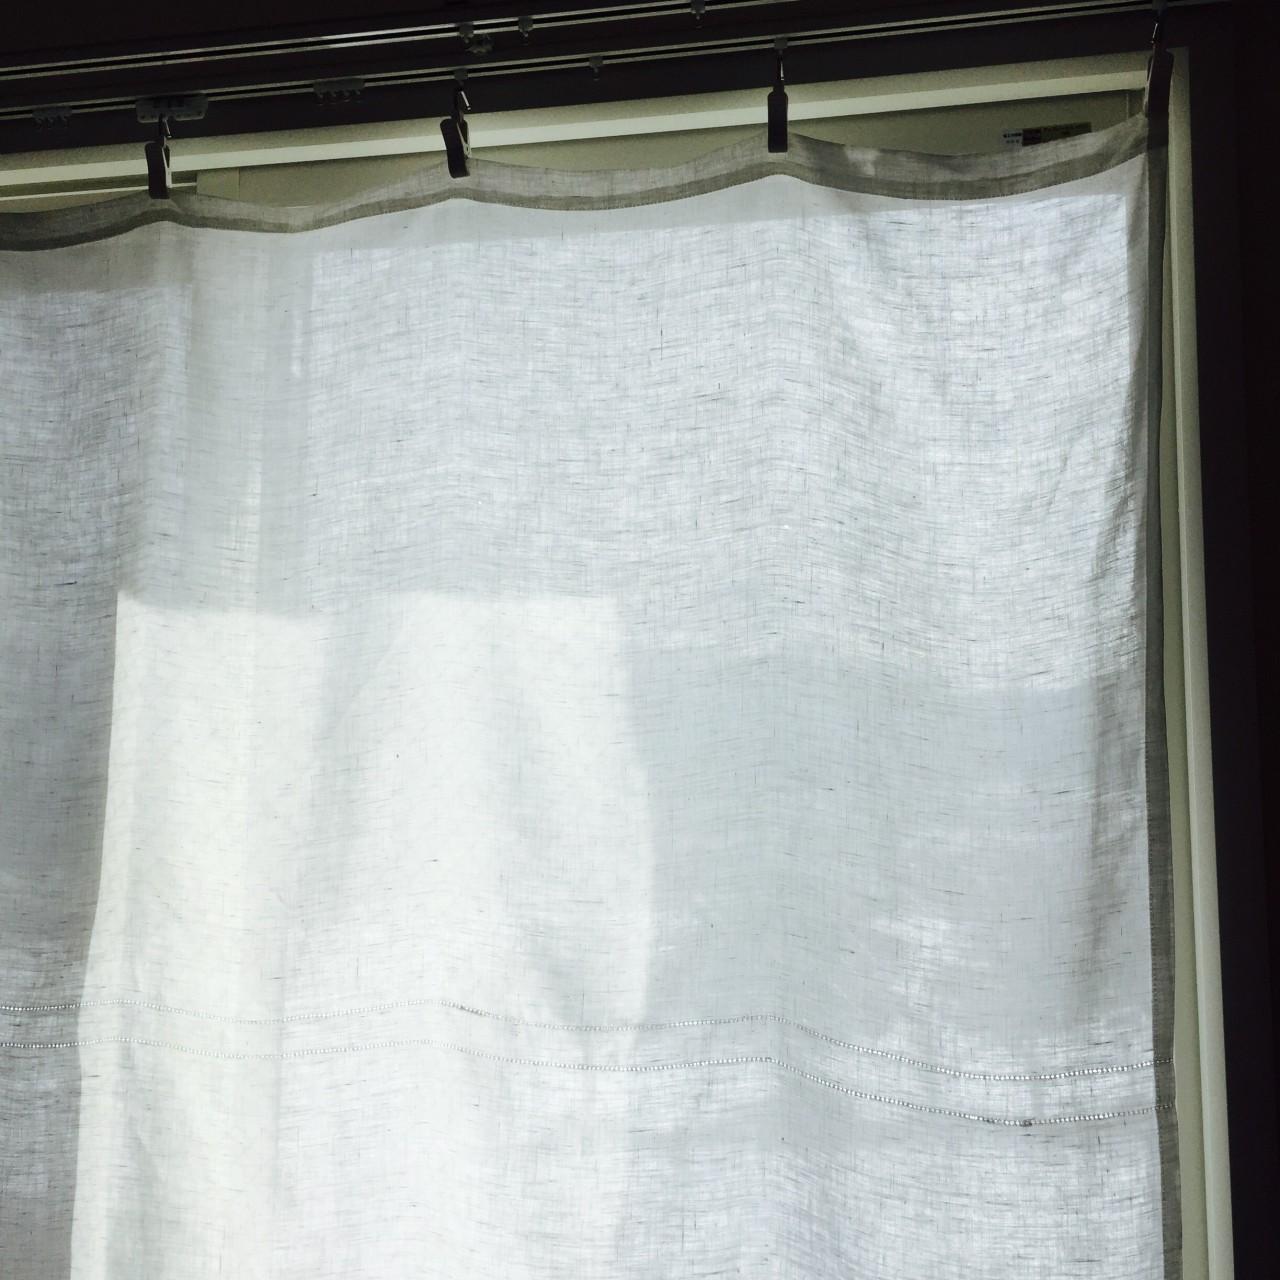 リネンのカーテン – 気持ちよく暮らしたい